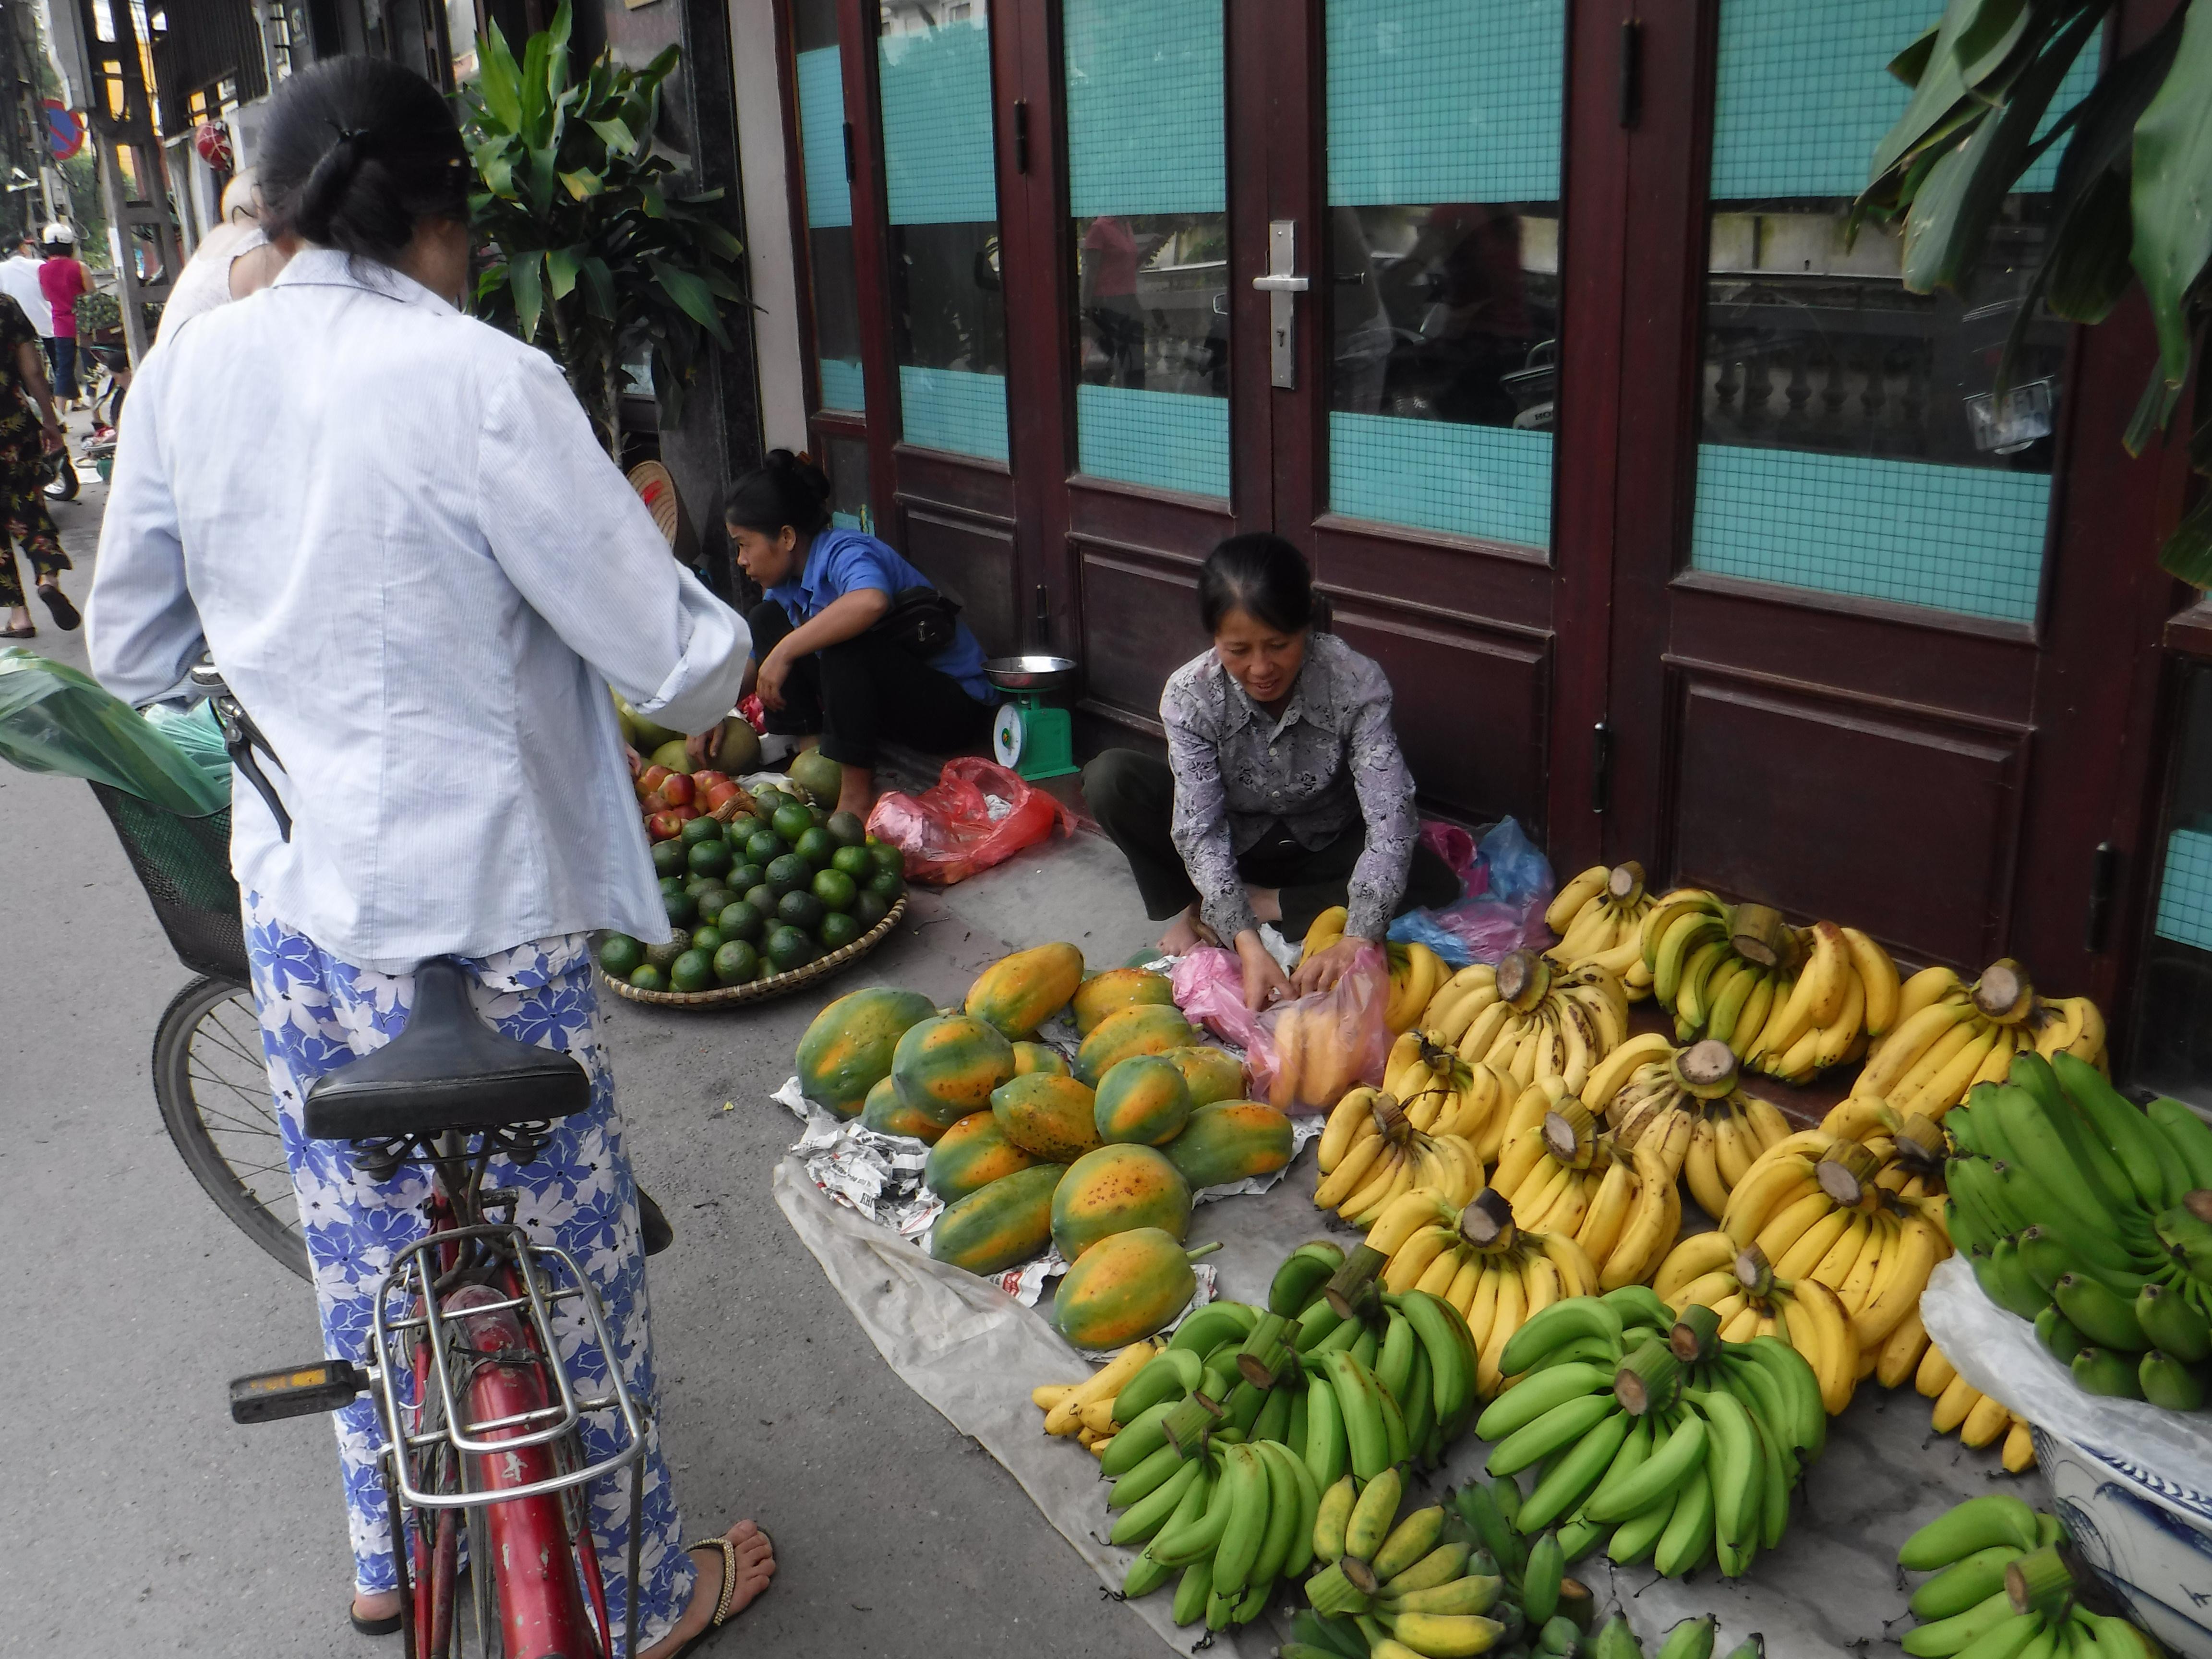 Vše, co potřebují místní obchodníci, je kousek chodníku